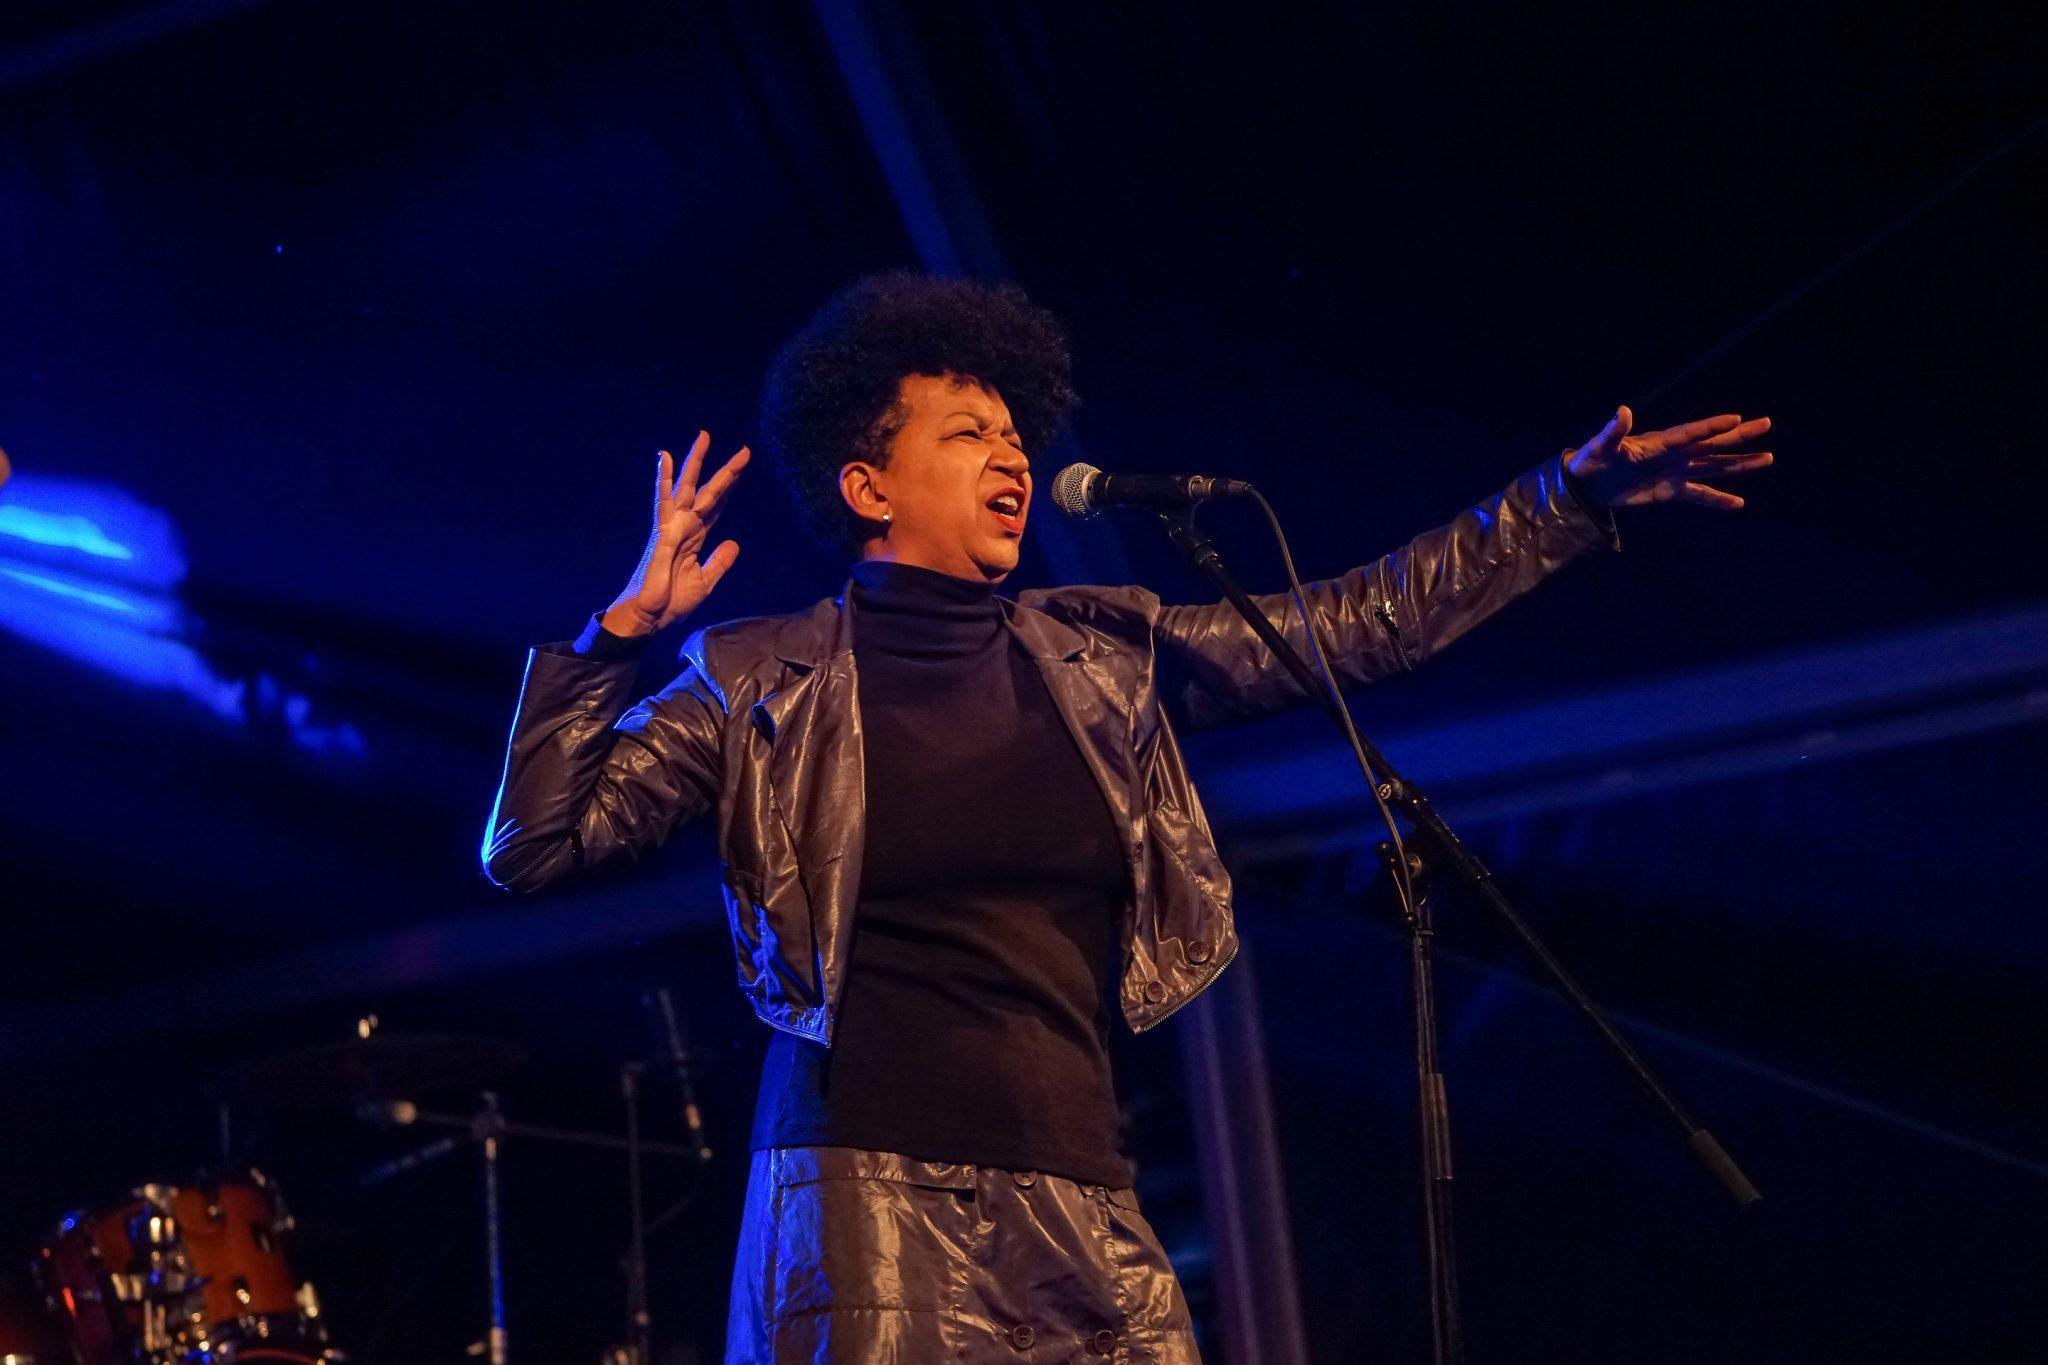 De lado para o observador, mulher vestida de preto atua frente a um microfone com um dos braços esticados para a sua frente.